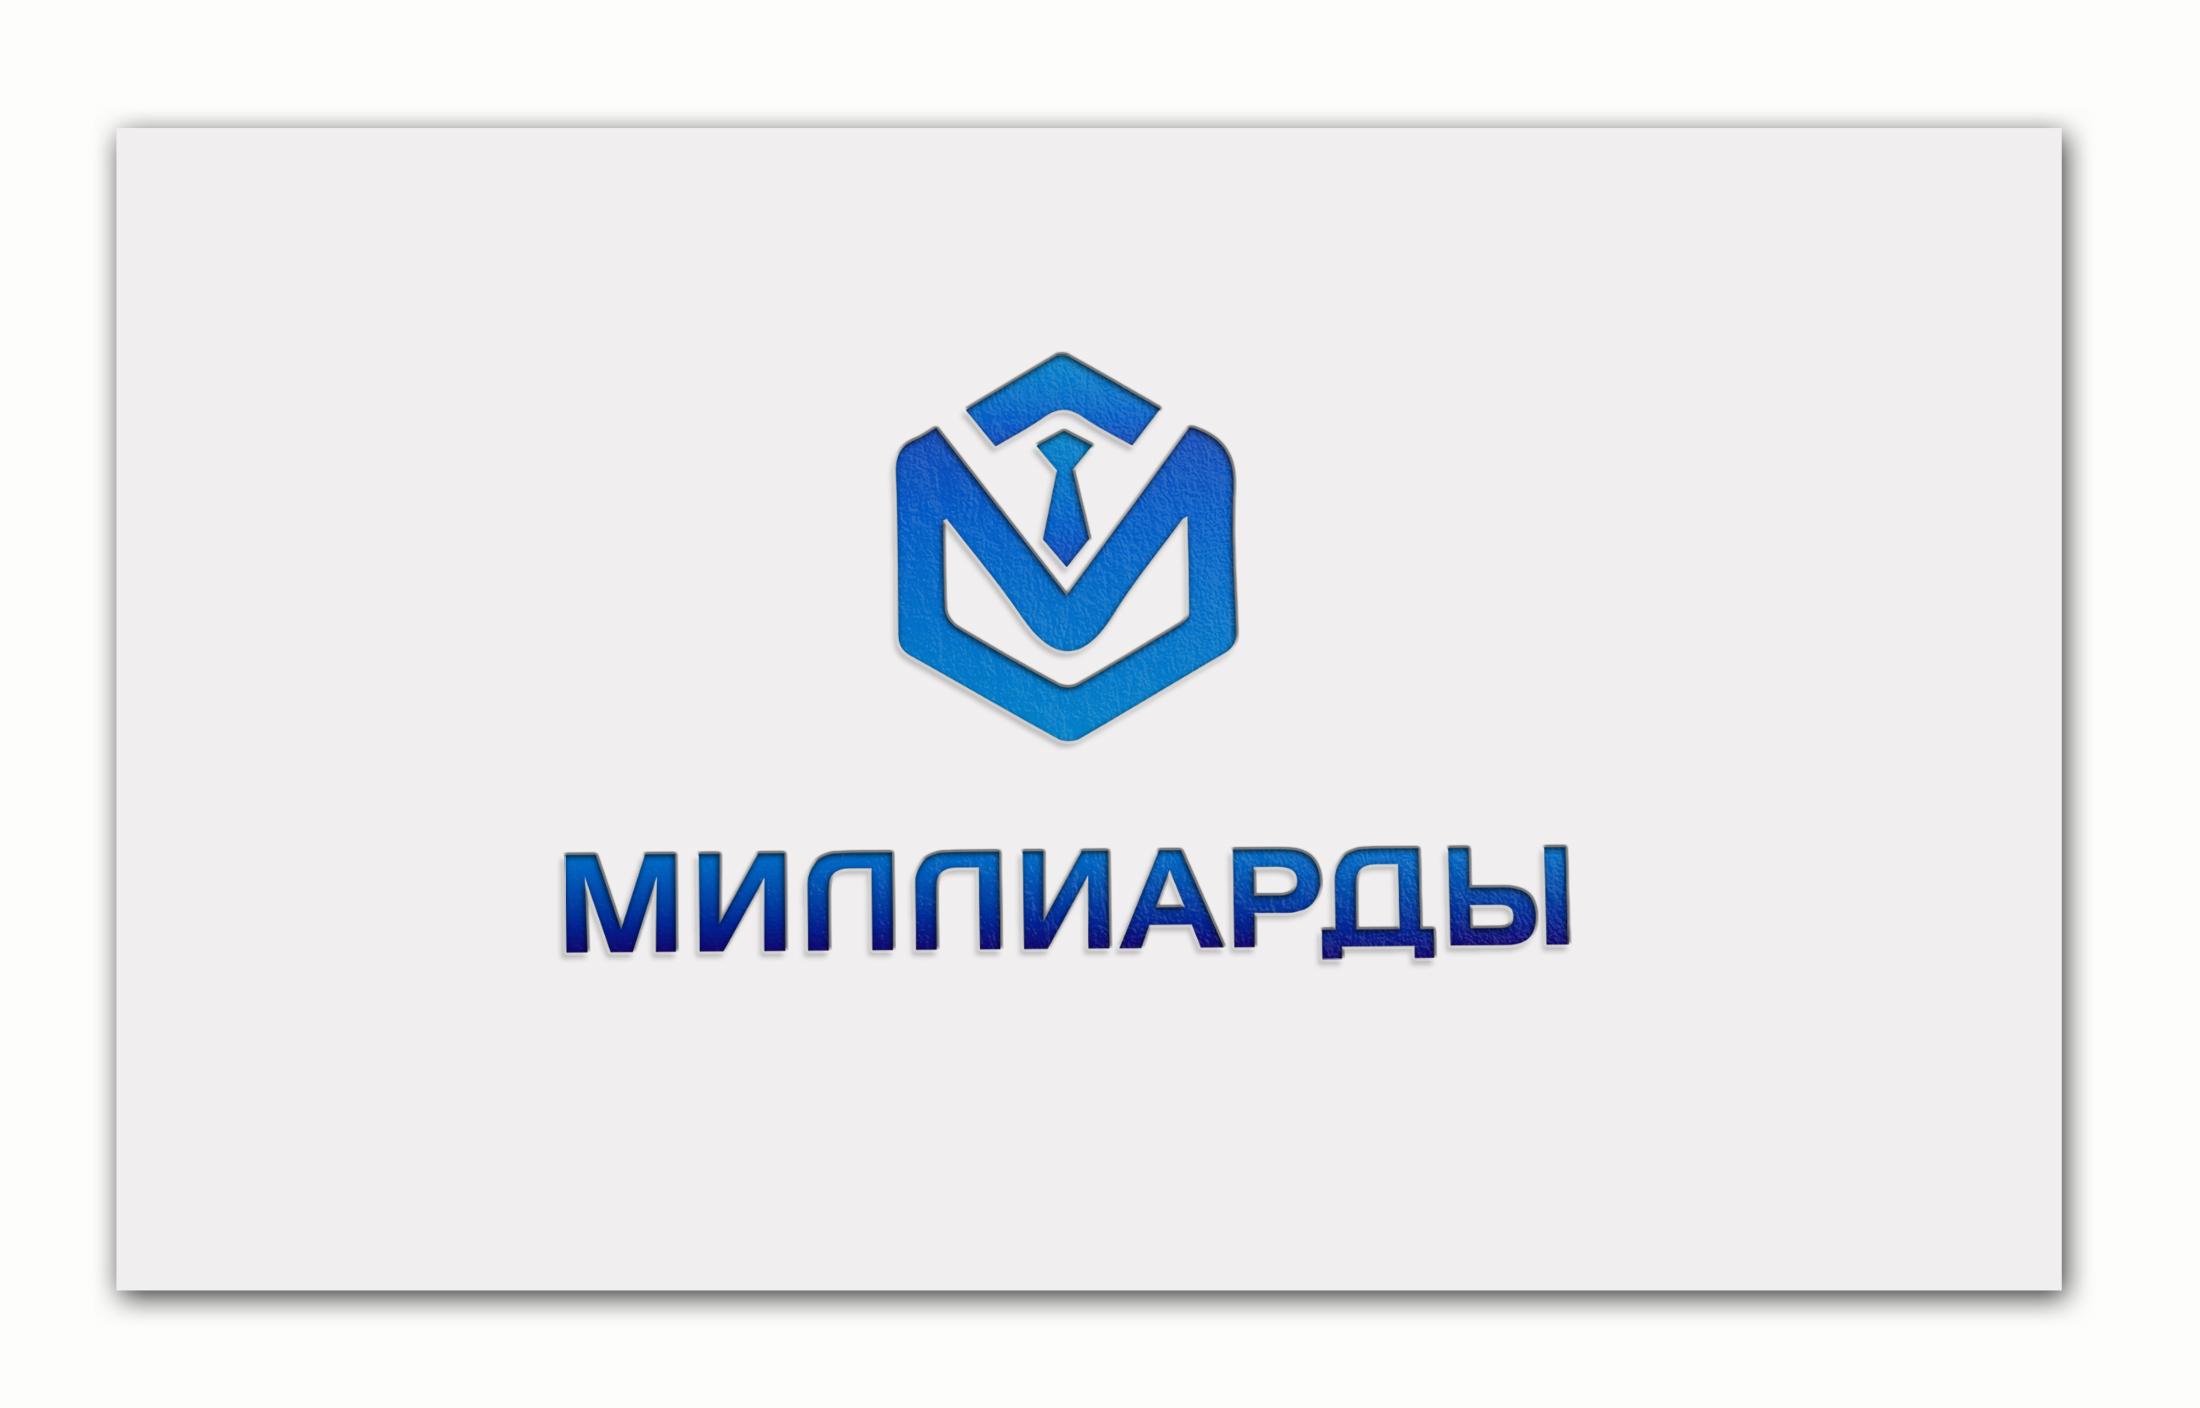 Создание логотипа фото f_1155e4430aab3e29.jpg